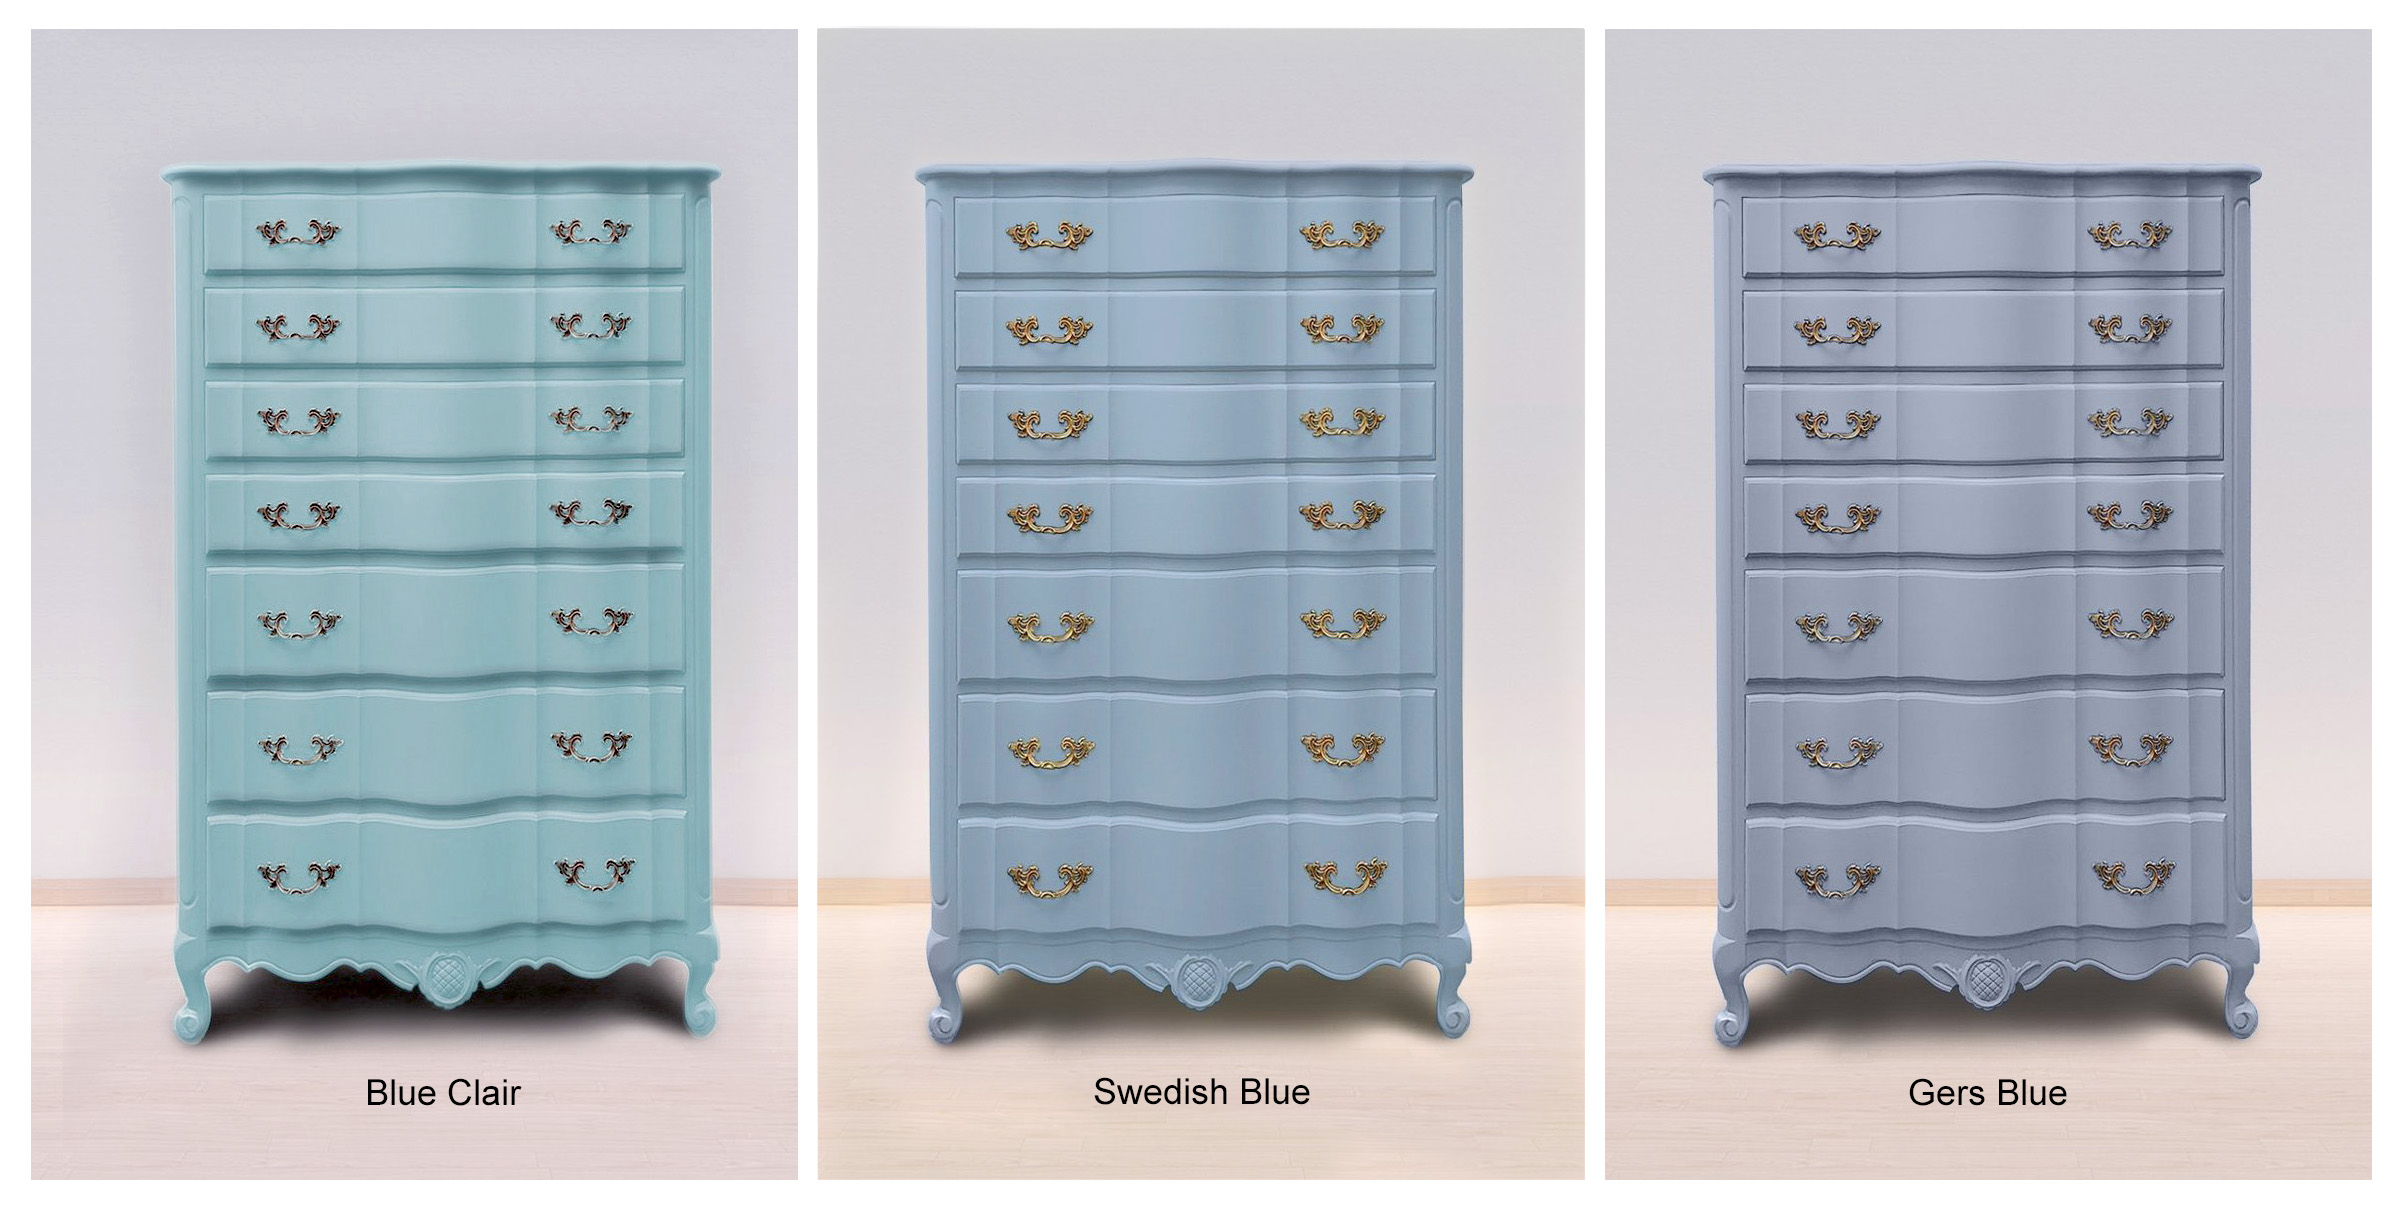 Bleu Clair, Swedish Blue & Gers Bleu